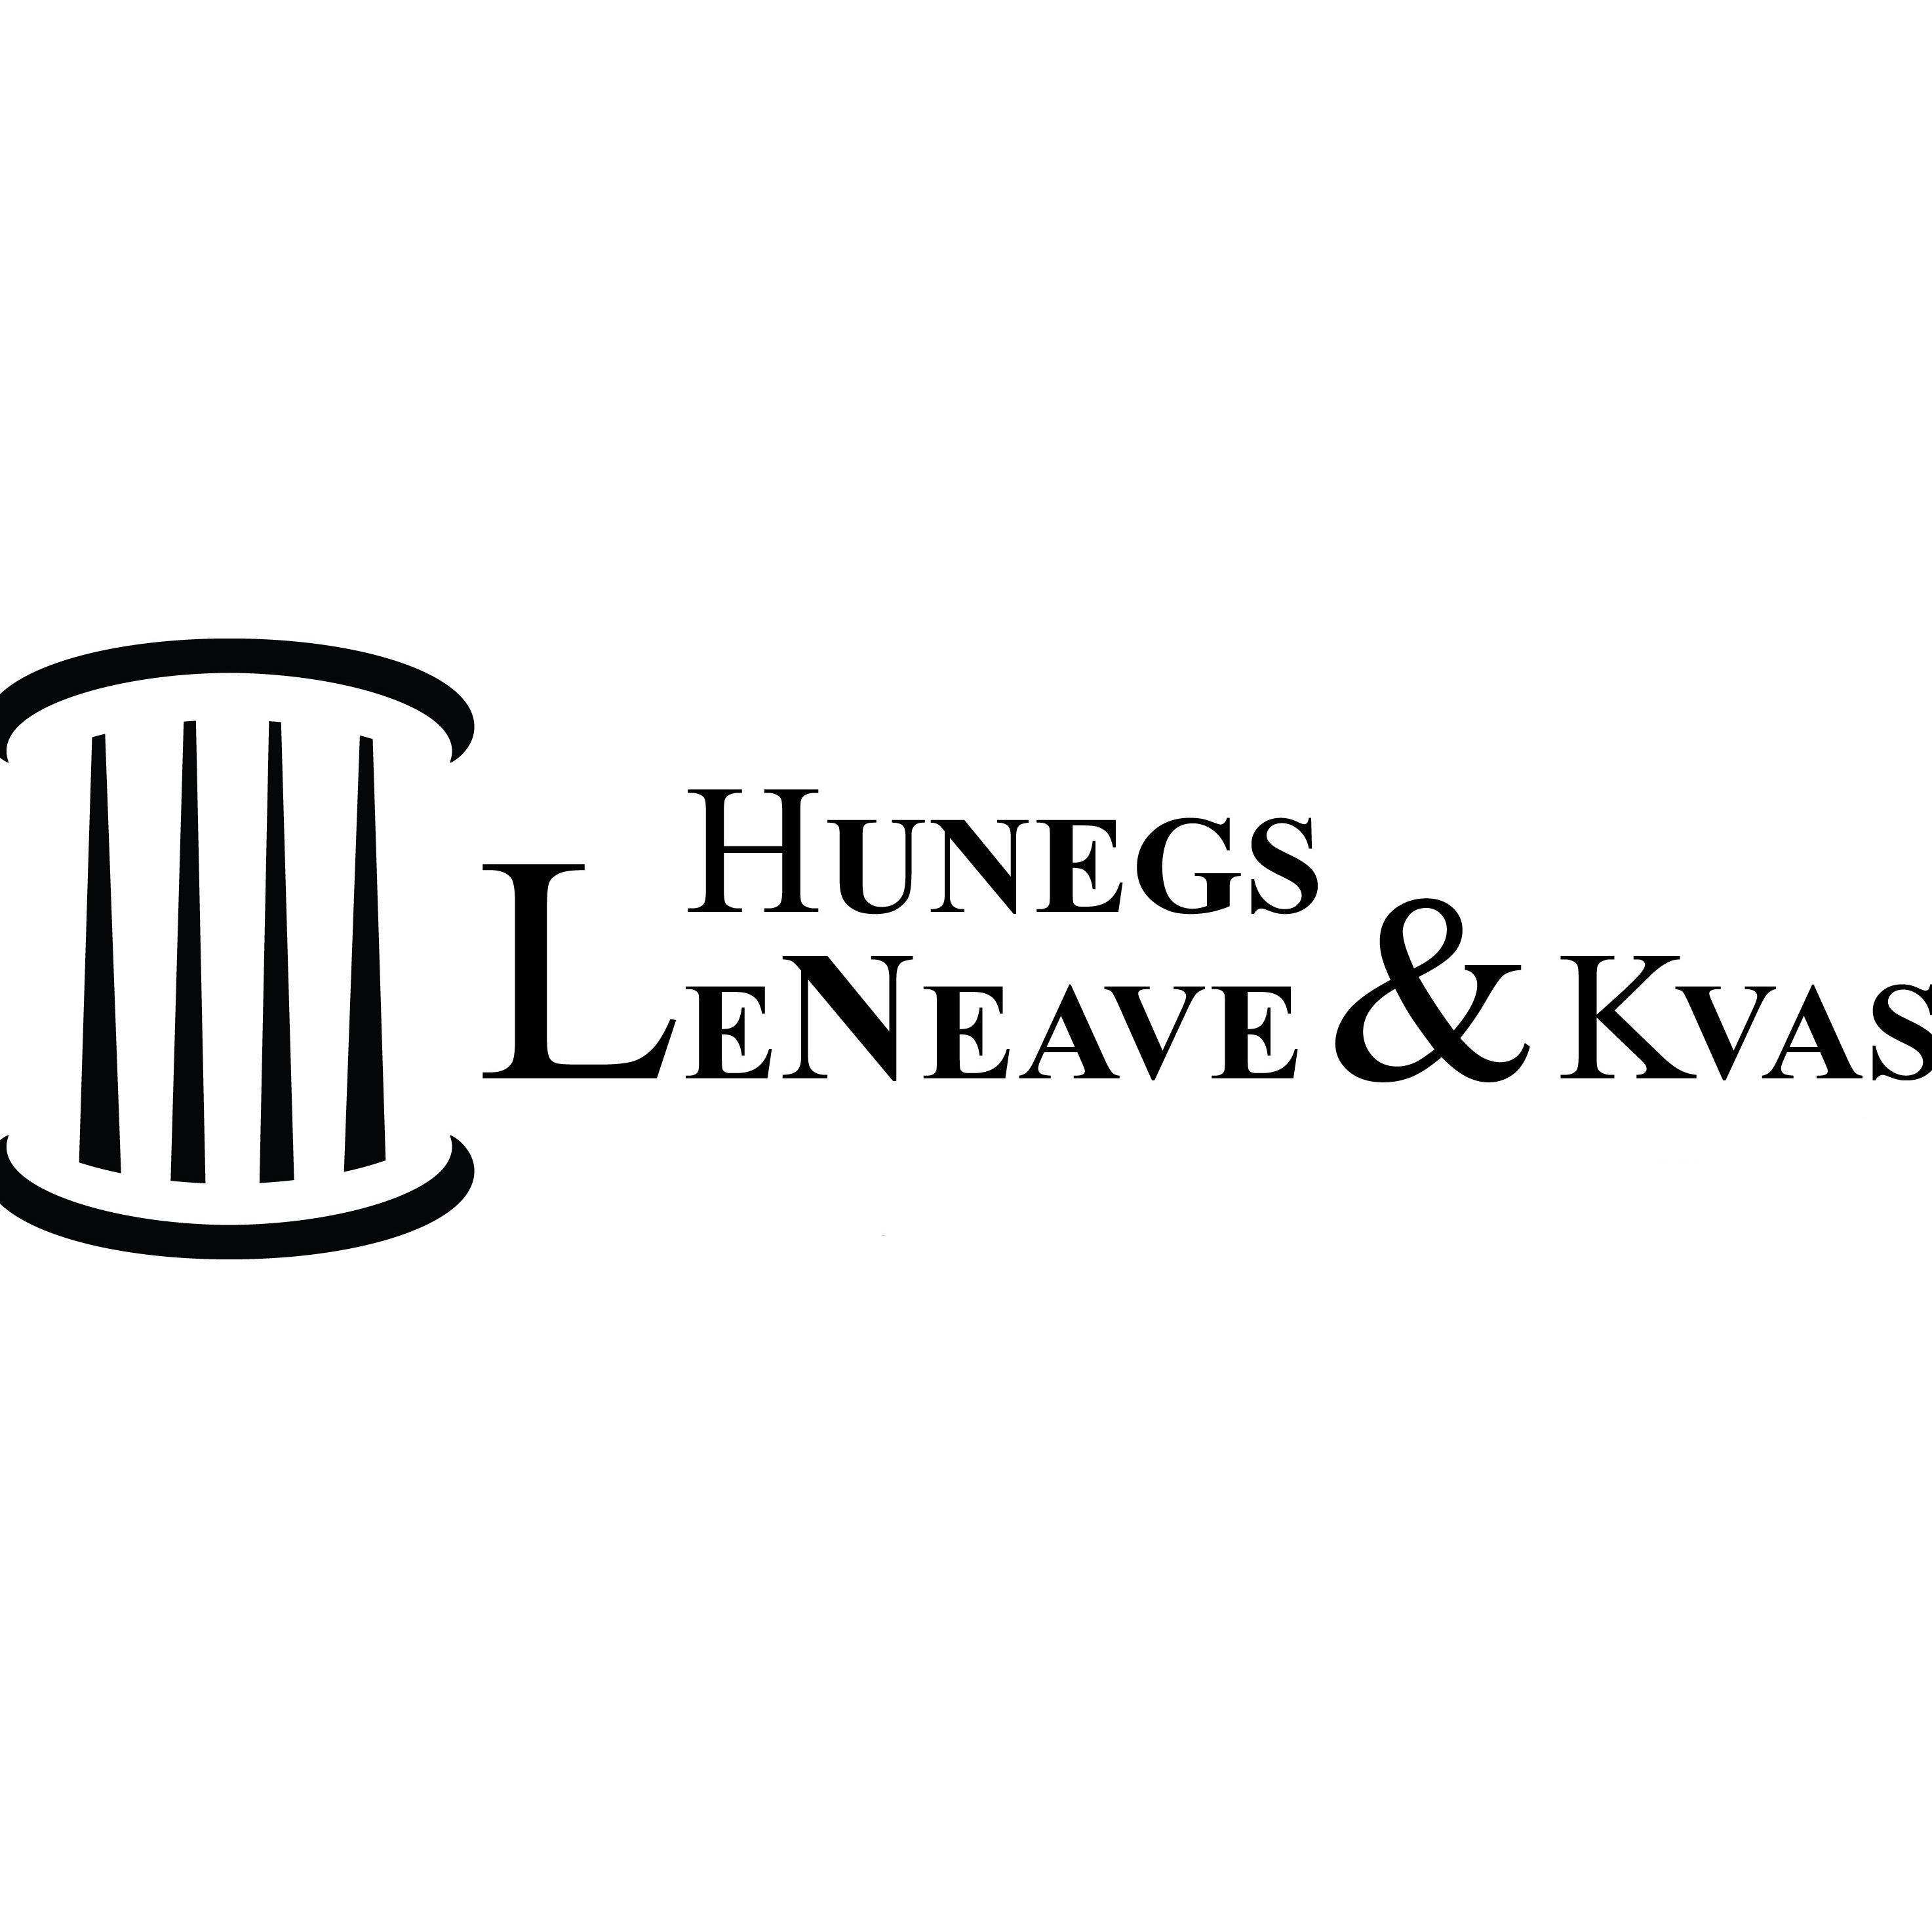 Hunegs LeNeave & Kvas image 3